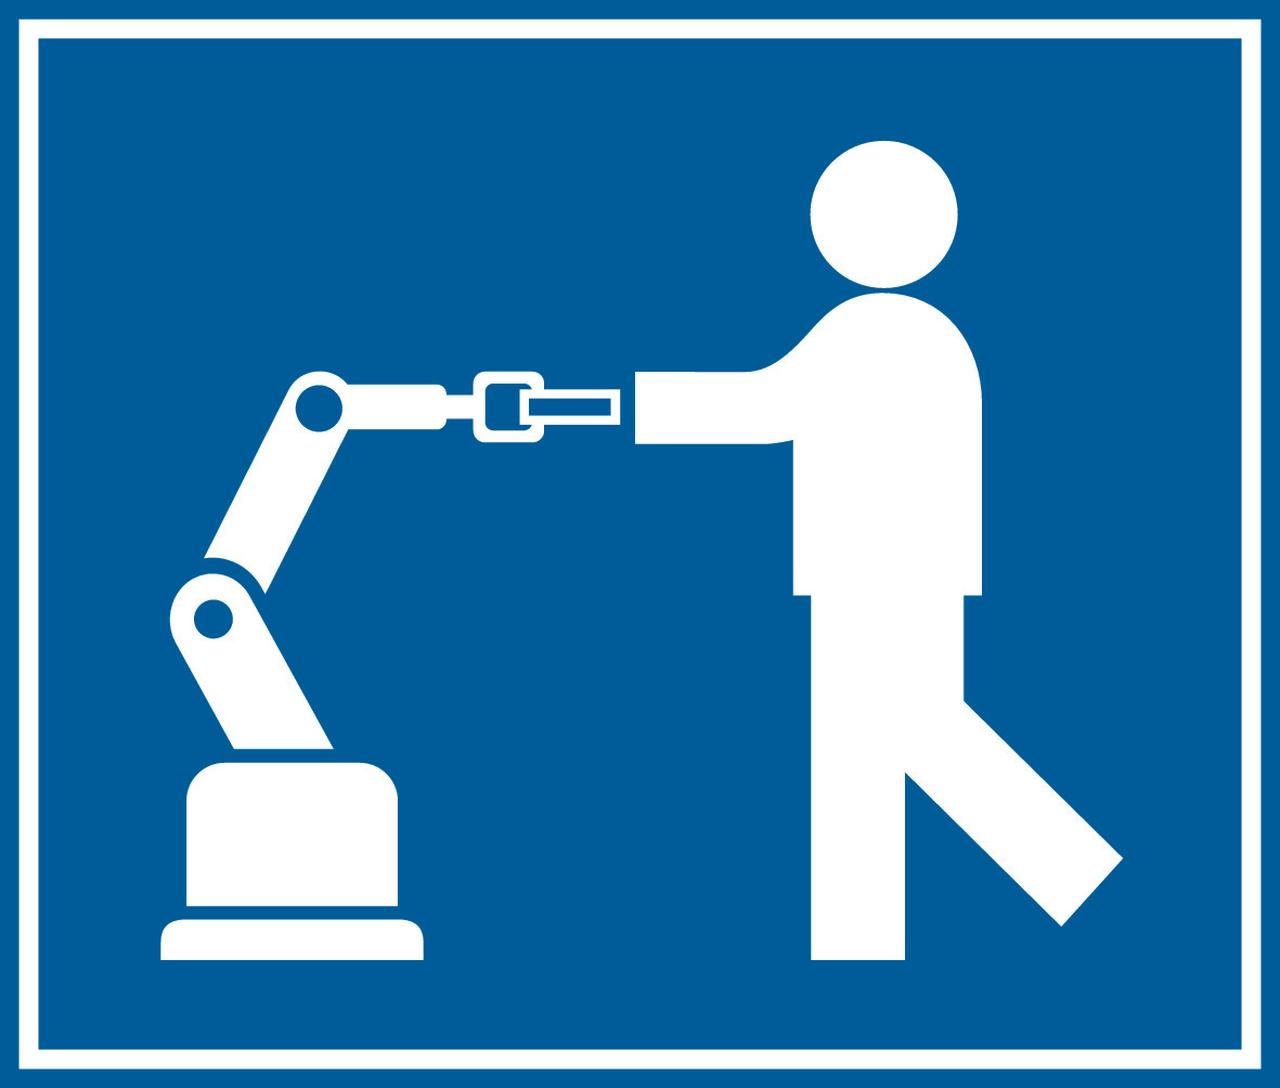 pilz_G_Sticker_Robotics